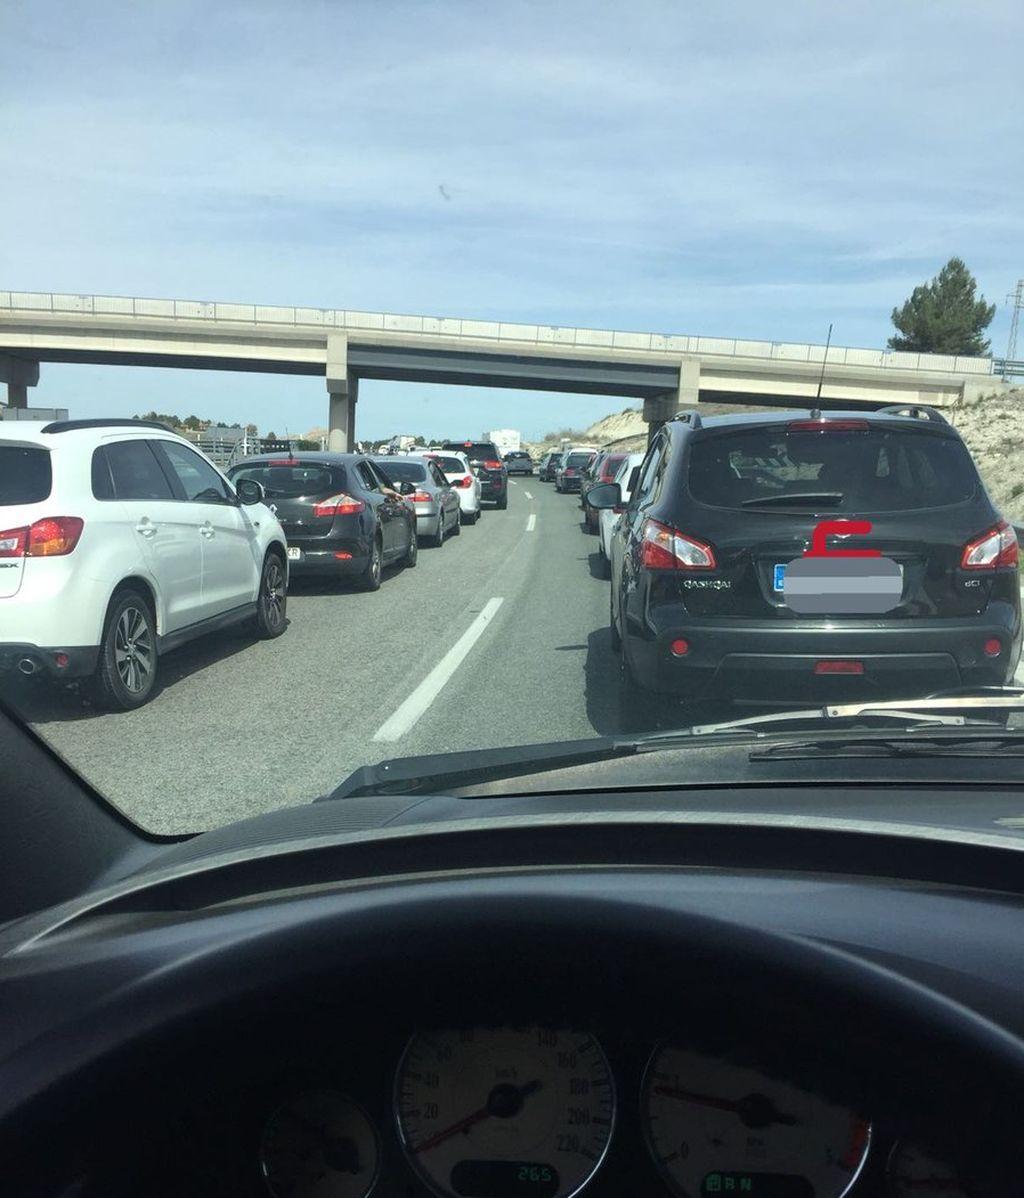 Complicaciones en las principales carreteras de acceso a Madrid y Barcelona